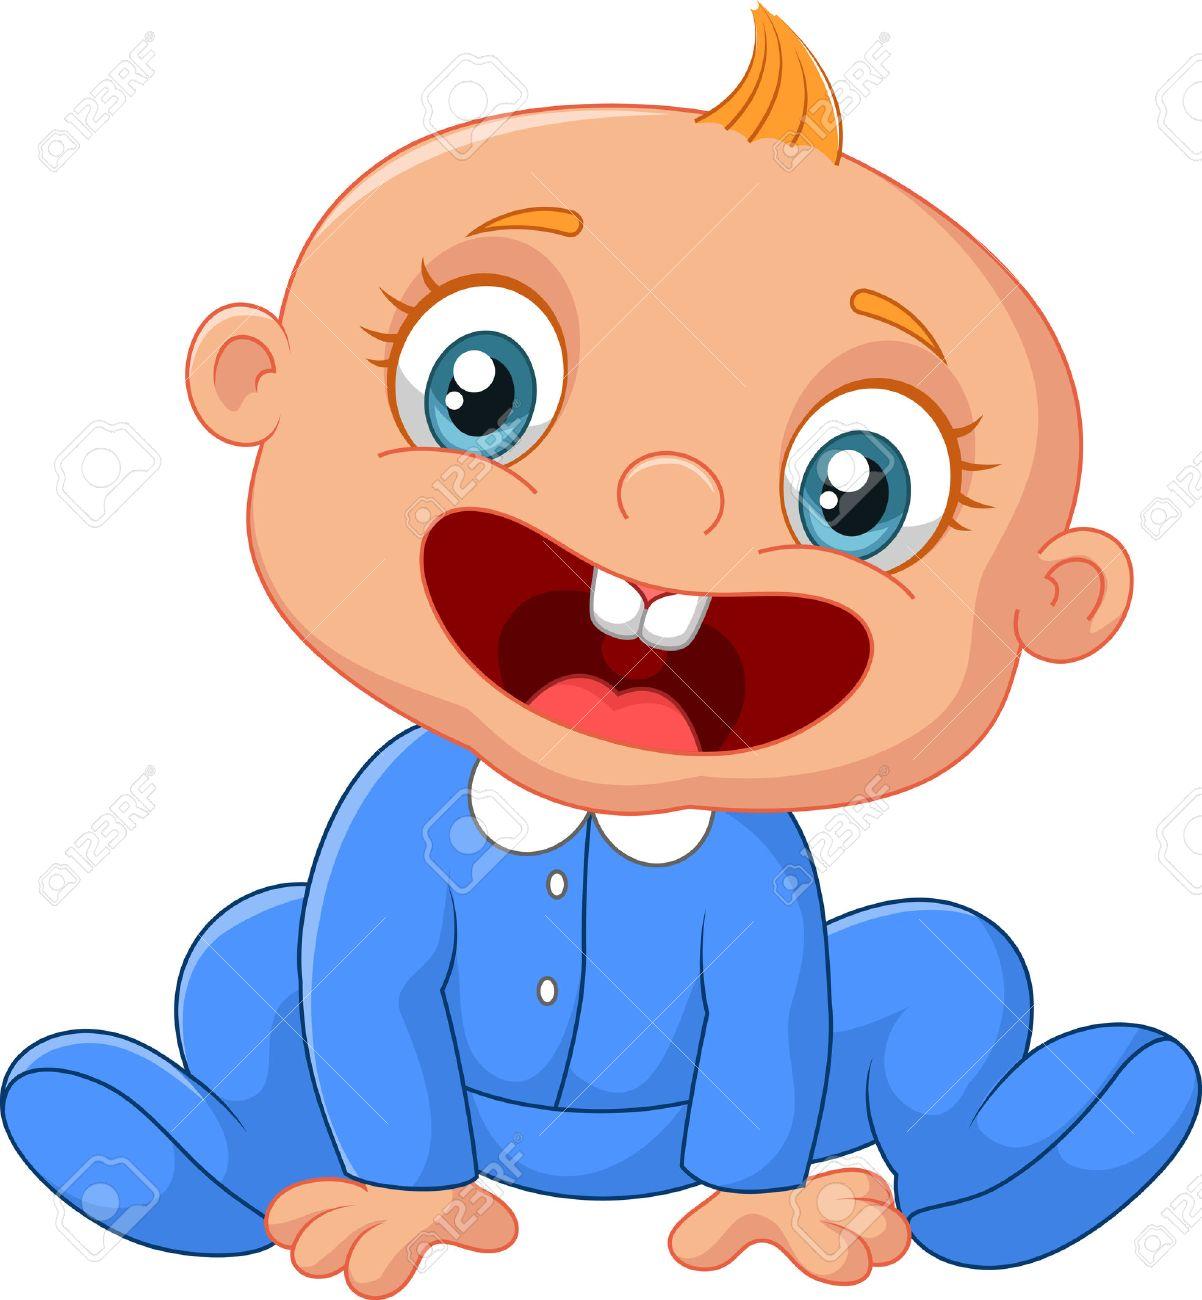 Feliz De Dibujos Animados Bebé Ilustraciones Vectoriales Clip Art Vectorizado Libre De Derechos Image 37538588